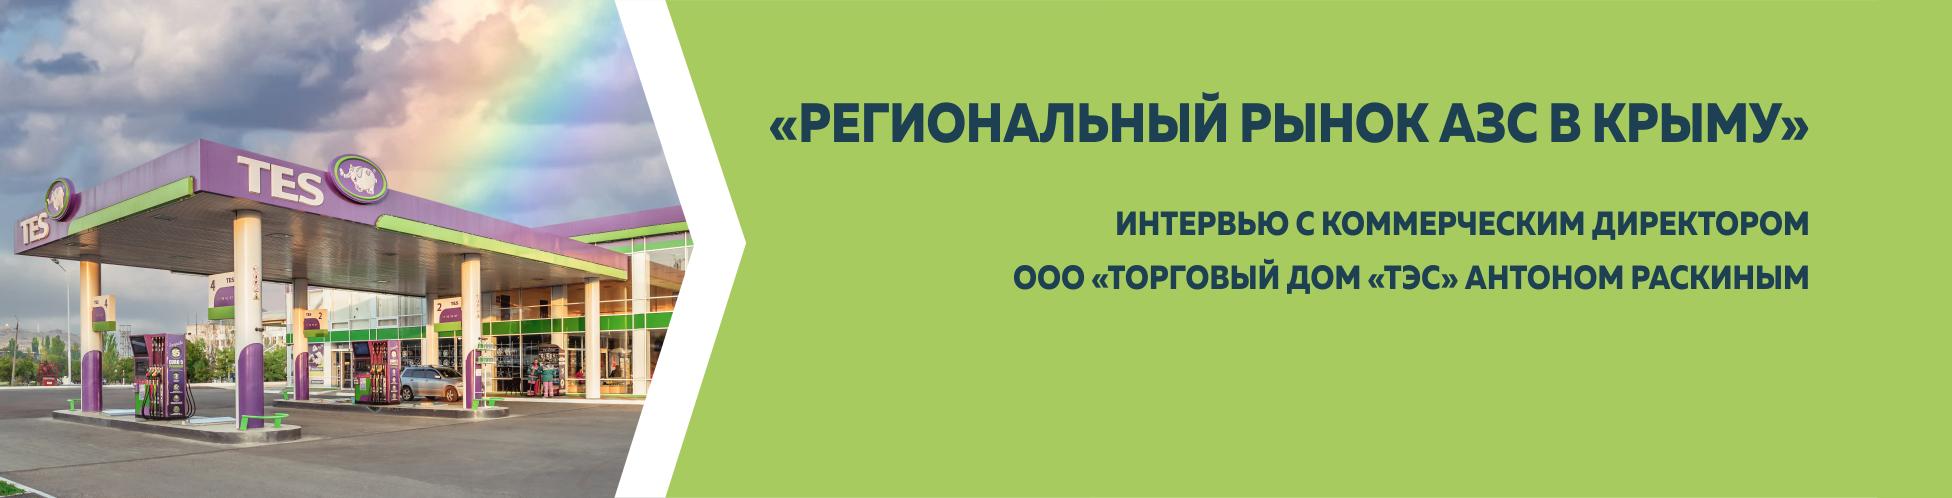 Интервью с Антоном Раскиным